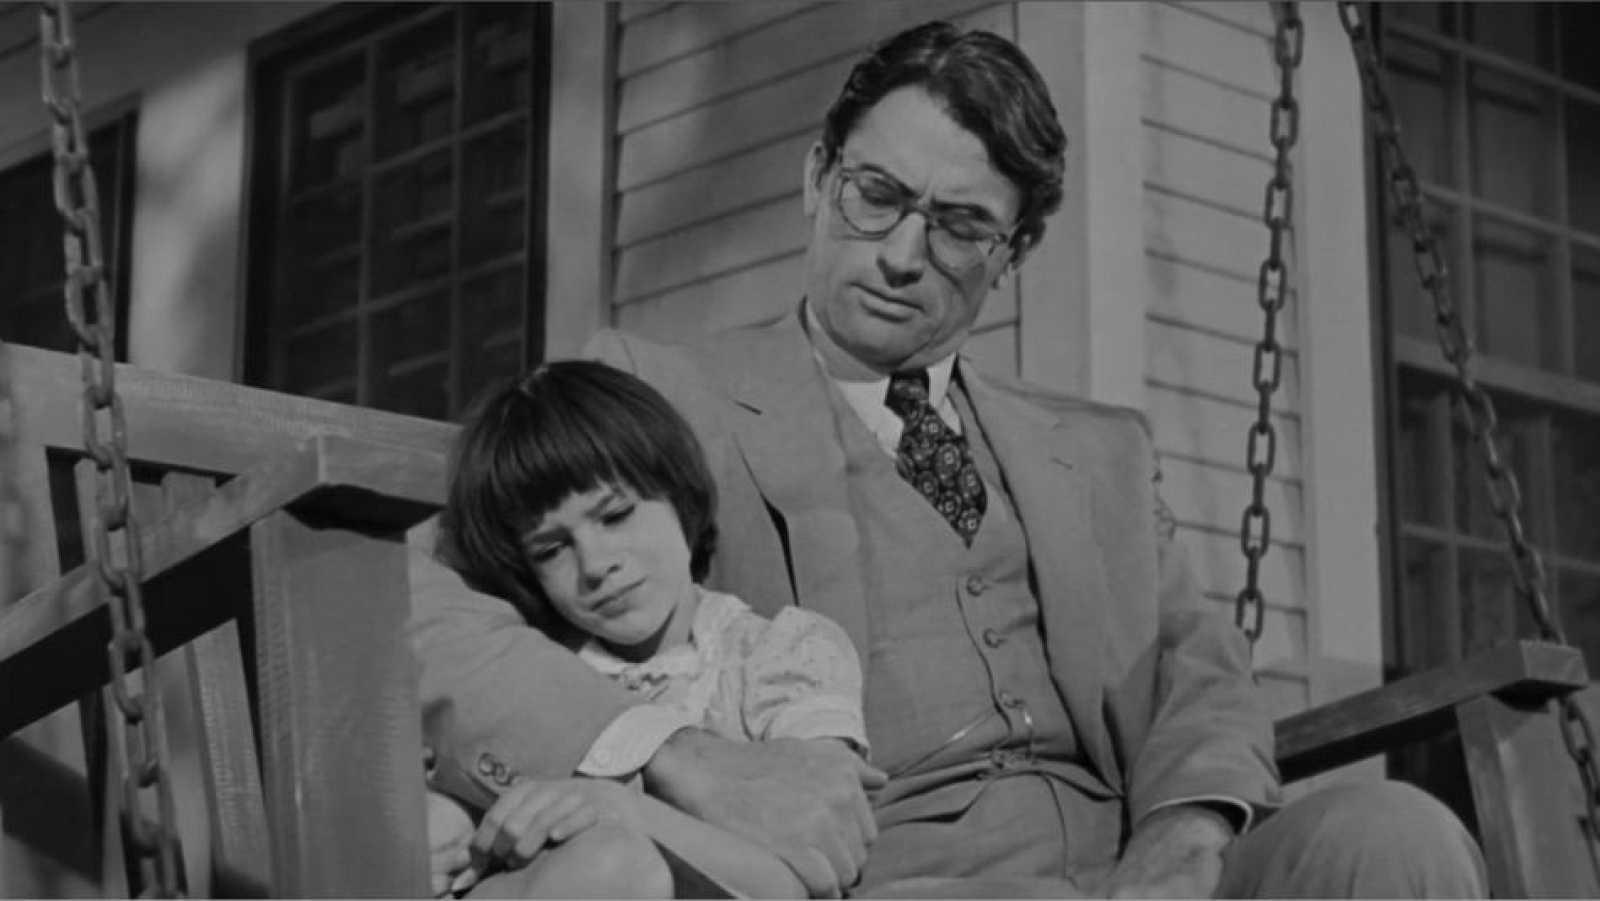 La secuencia favorita de Joaquín Oristrell: 'La noche de la iguana' y 'Matar a un ruiseñor'